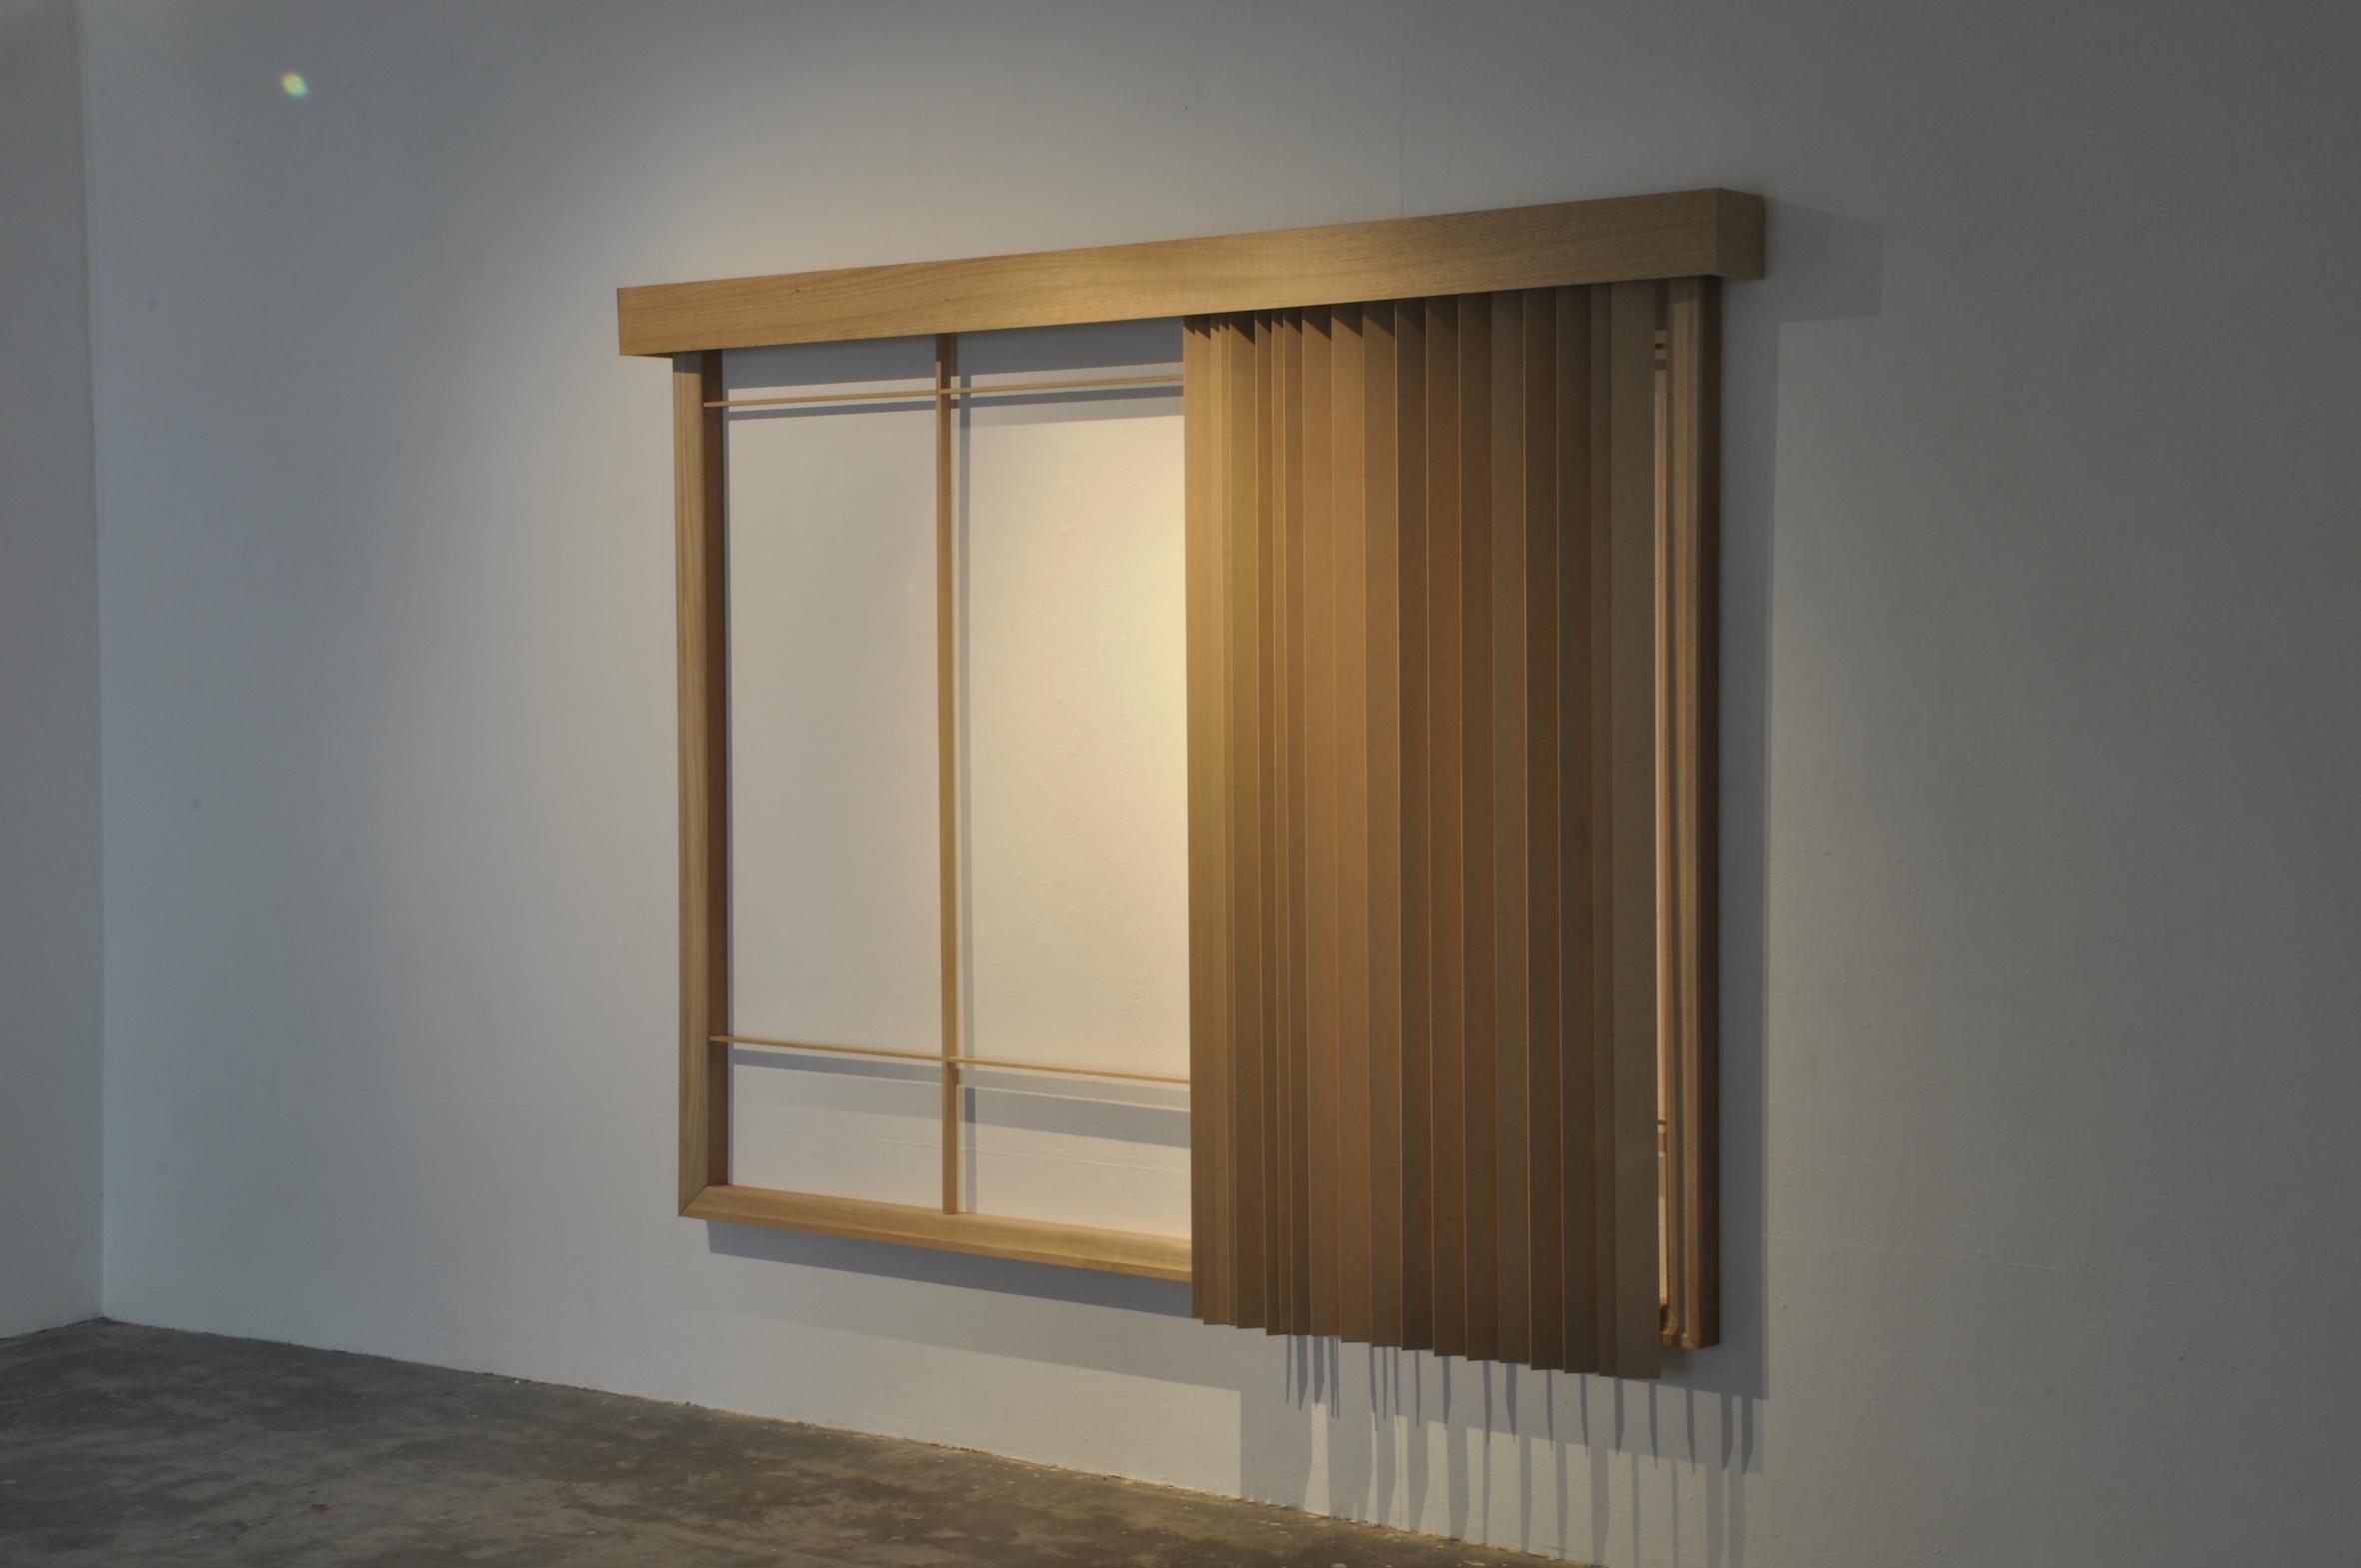 10.Georgina Cue Rear Window, 2012, Hard wood and MDF, 290cm  × 195cm × 18cm 6.18.04 pm.JPG